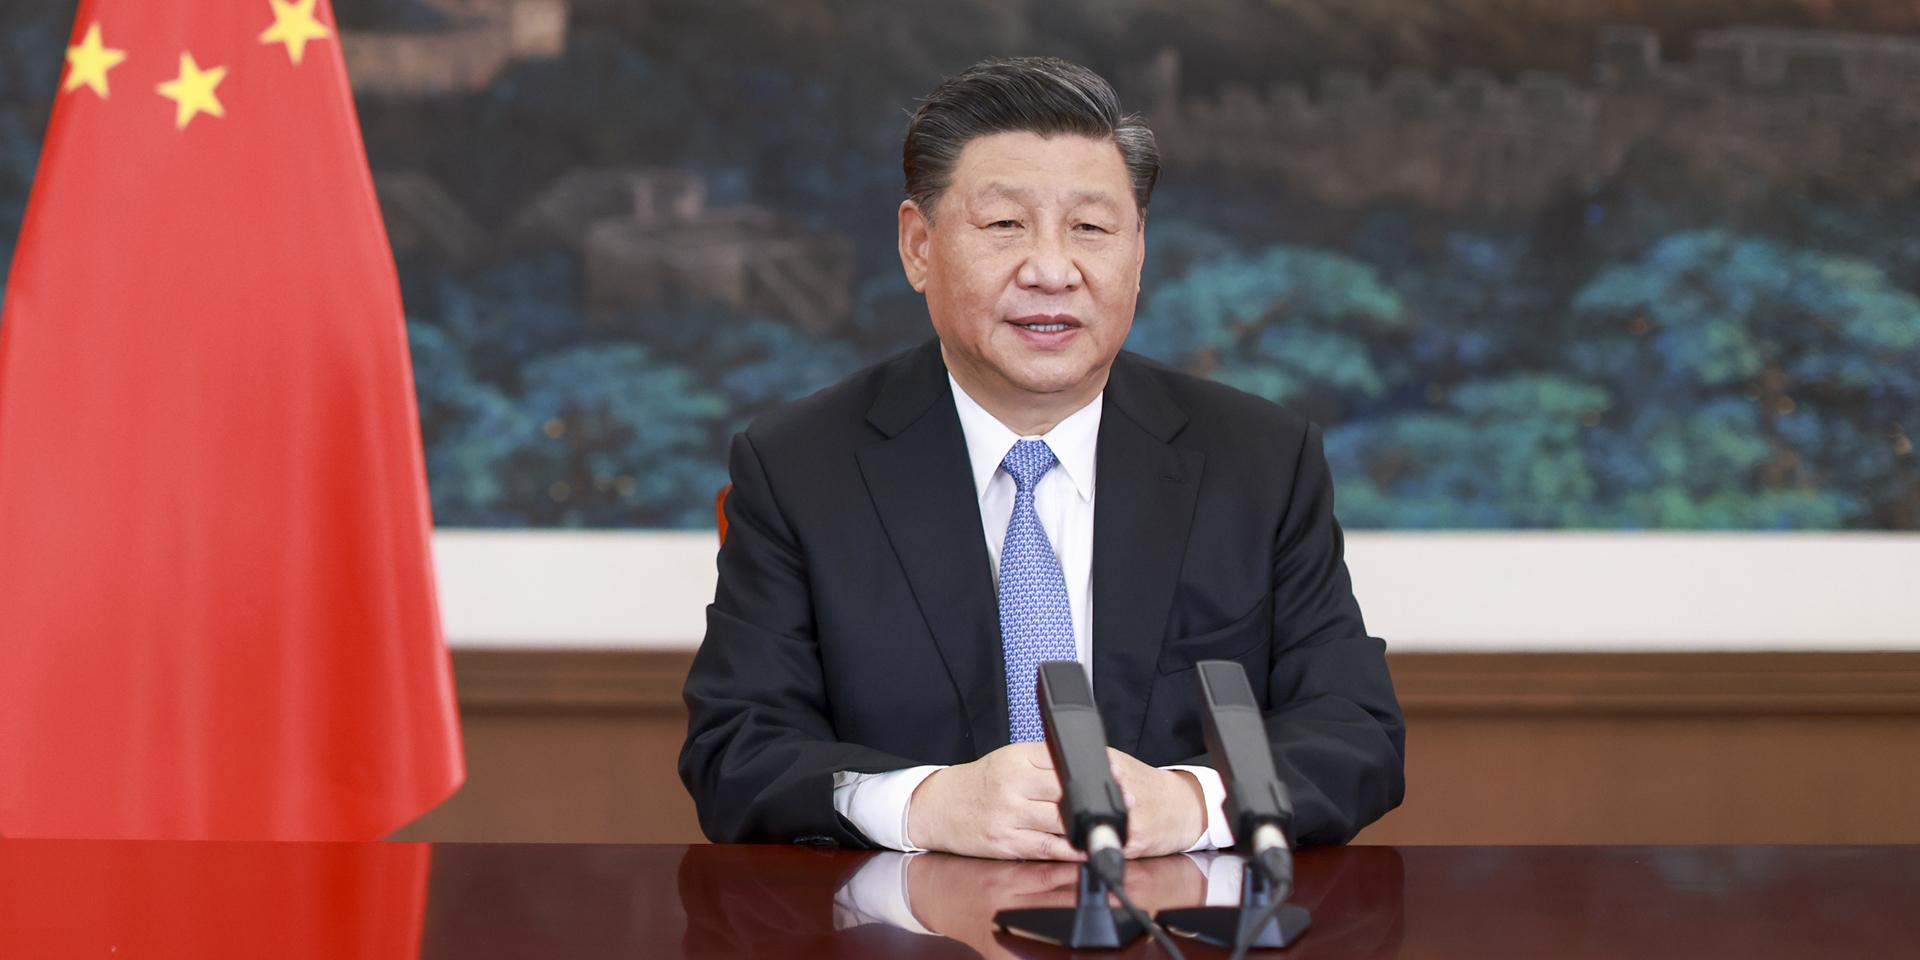 攜手共建更為緊密的中國-東盟命運共同體